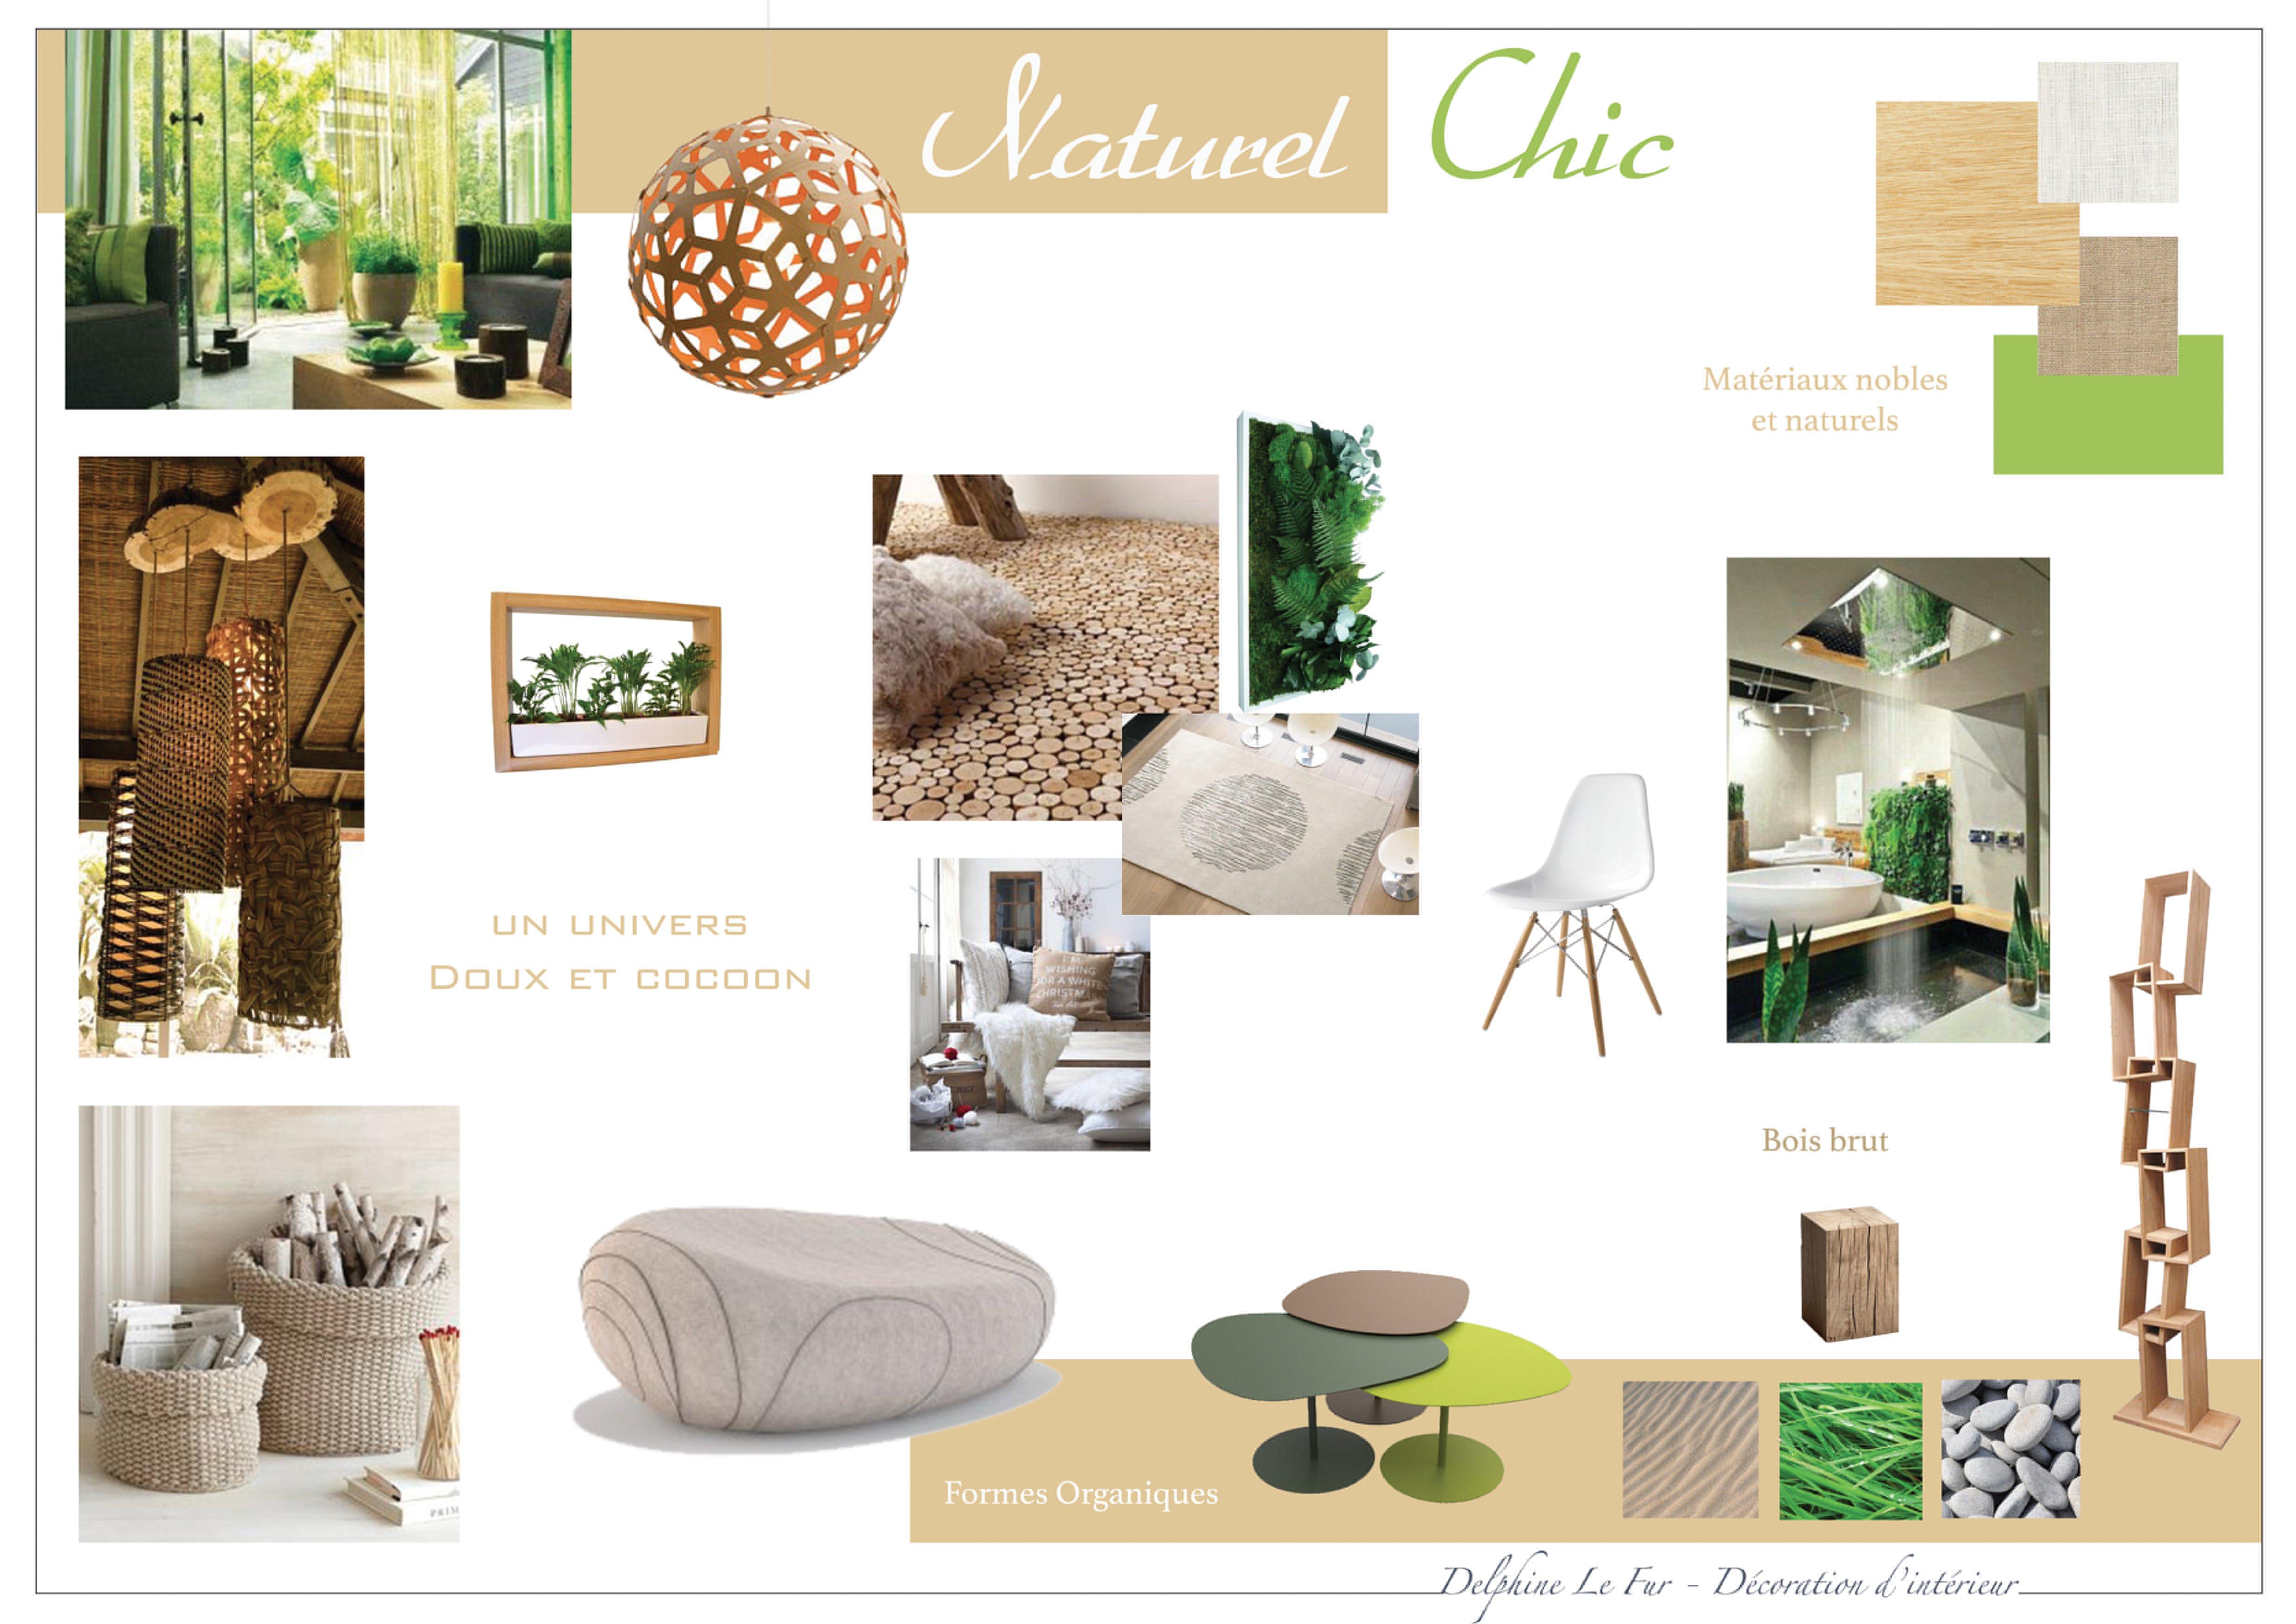 les de l 39 expertise feng shui feng shui et bien tre. Black Bedroom Furniture Sets. Home Design Ideas